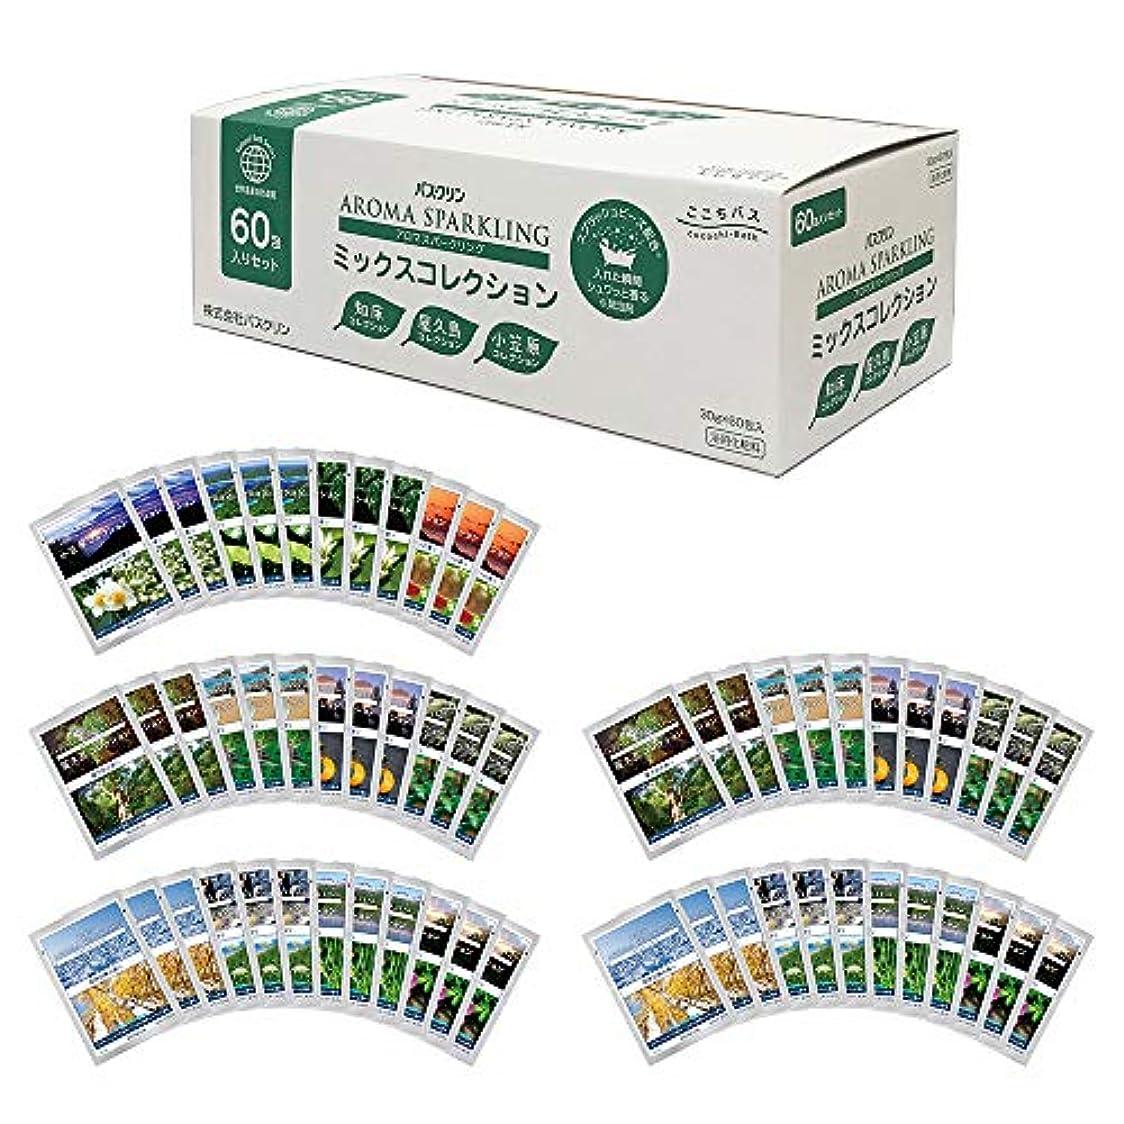 優先権部分的に分子【Amazon限定ブランド】ここちバス バスクリン 入浴剤  アロマスパークリング ミックスコレクション 60包入り 個包装 詰め合わせ